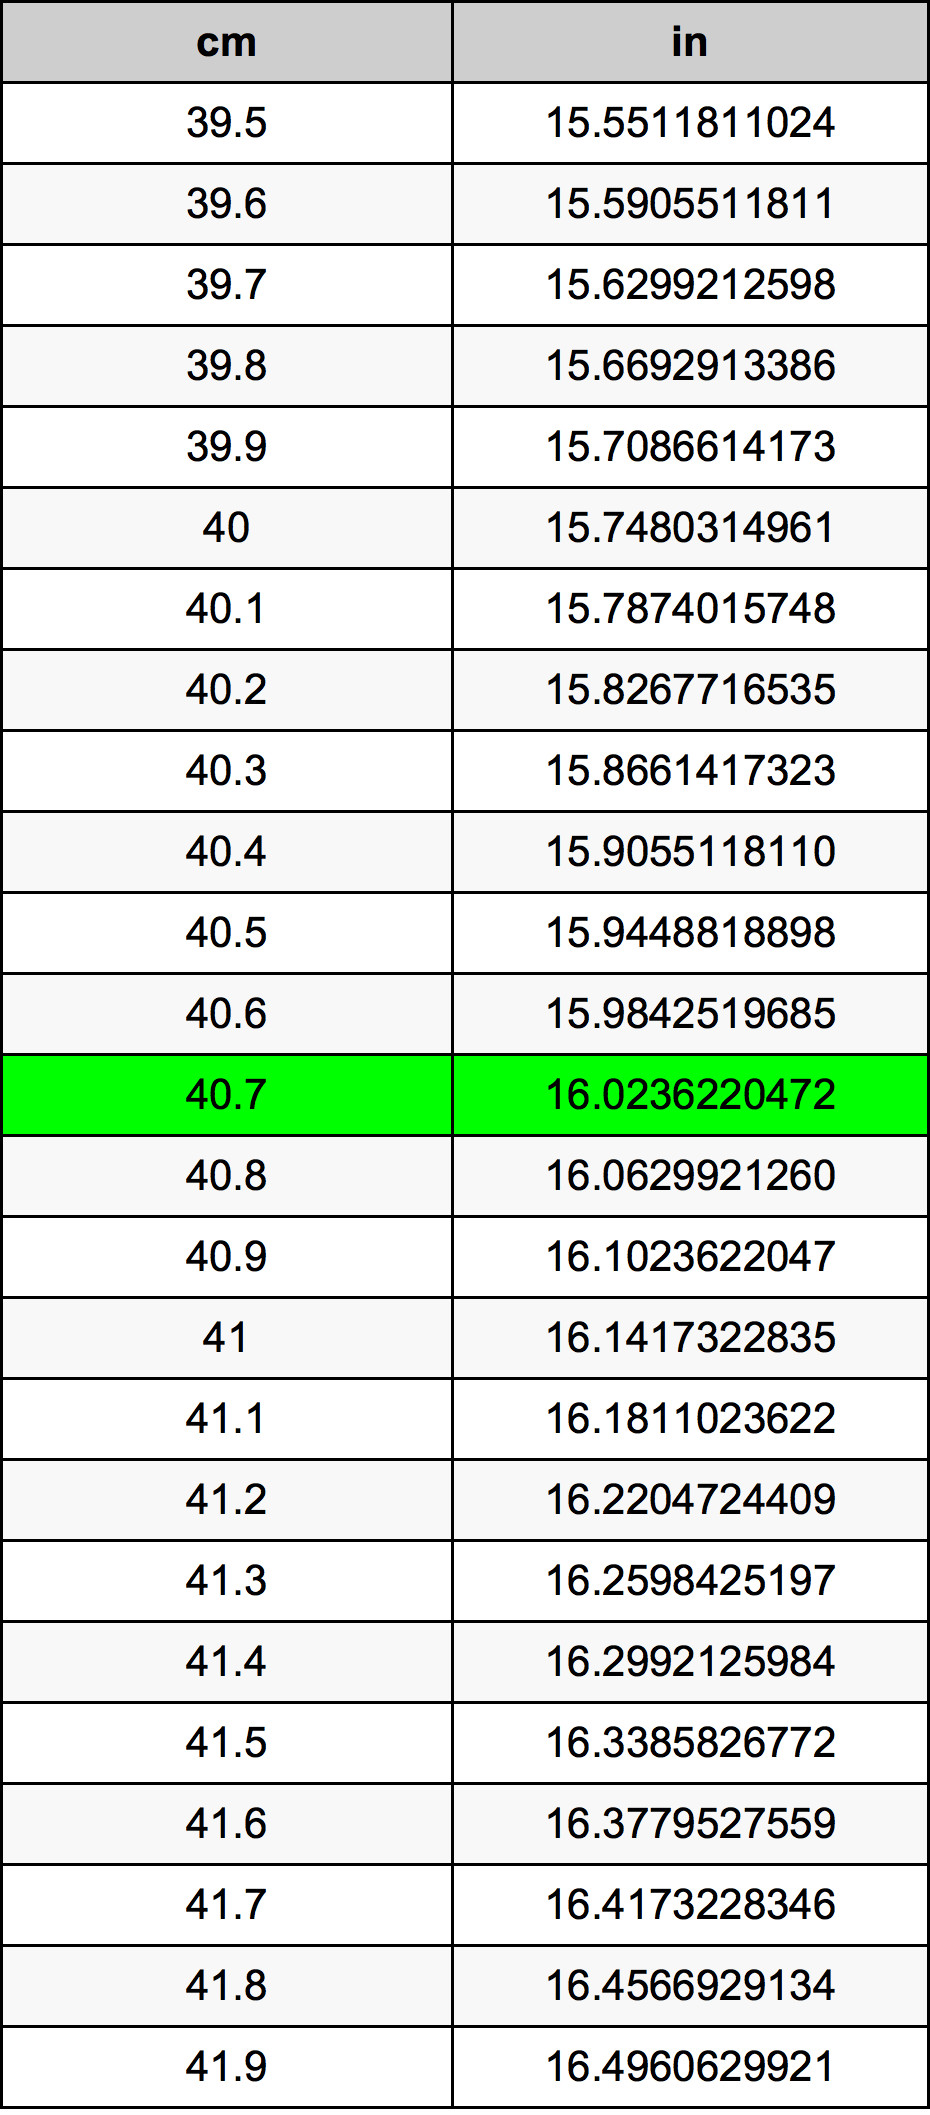 40.7 Centimeter omregningstabel